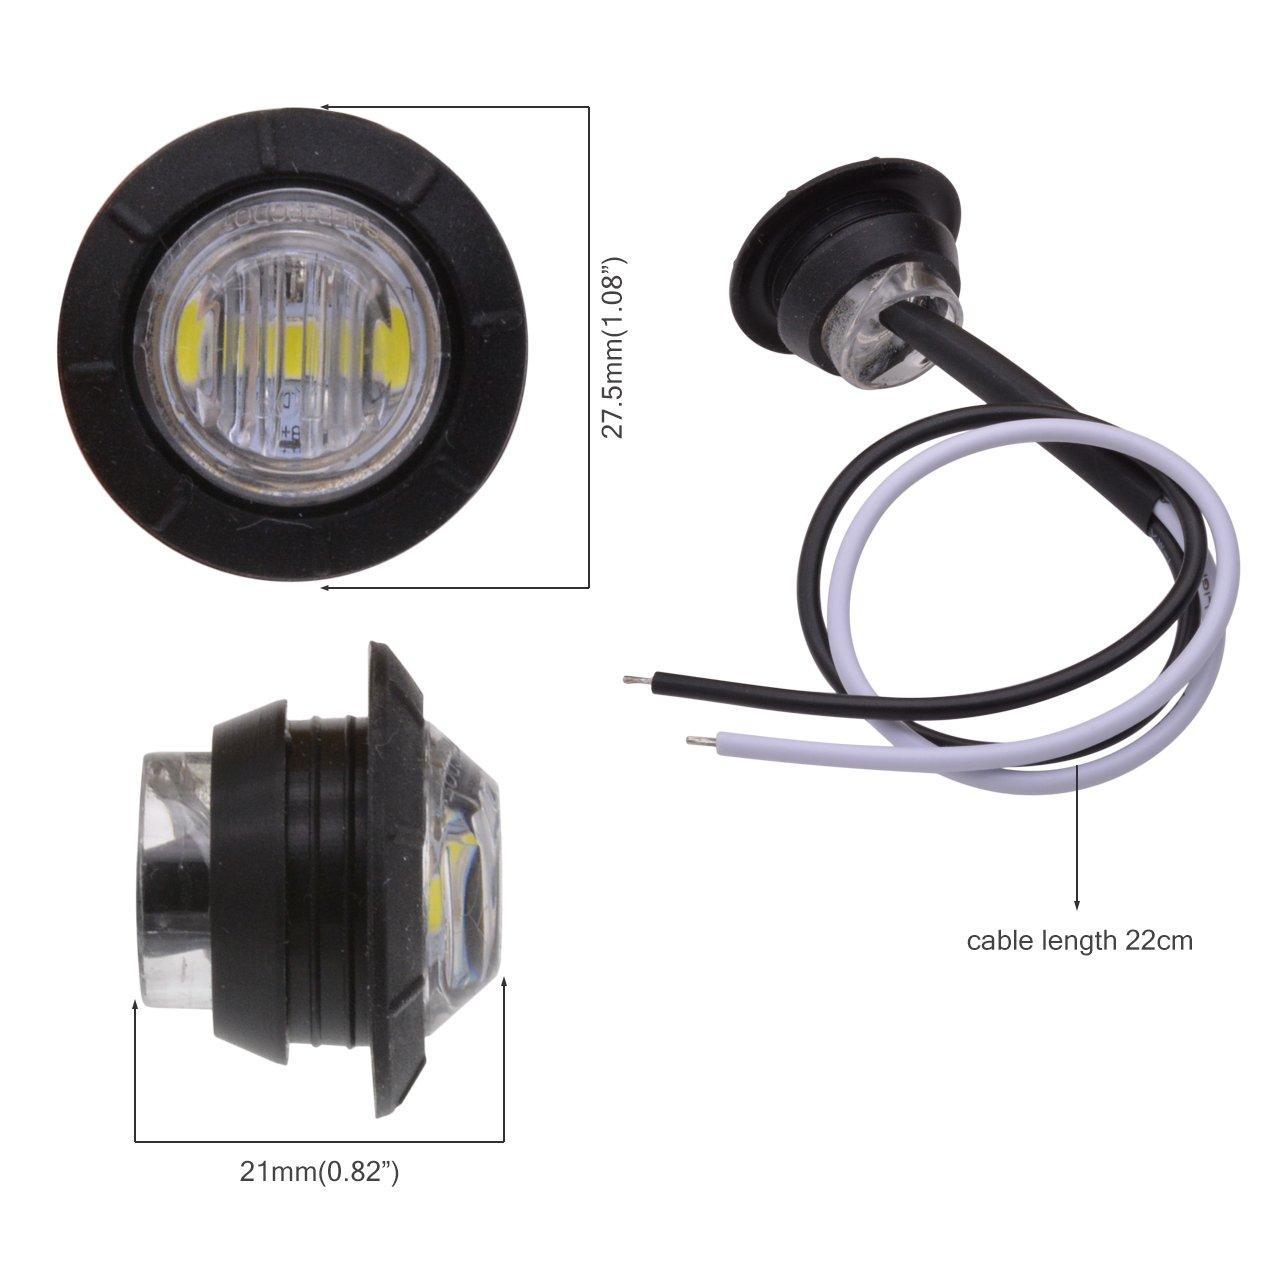 feu de position Etanche arri/ère KaTur 12 V Pour voiture ou camion blanc de c/ôt/é LED ronde 1,9/cm pour lampe avant